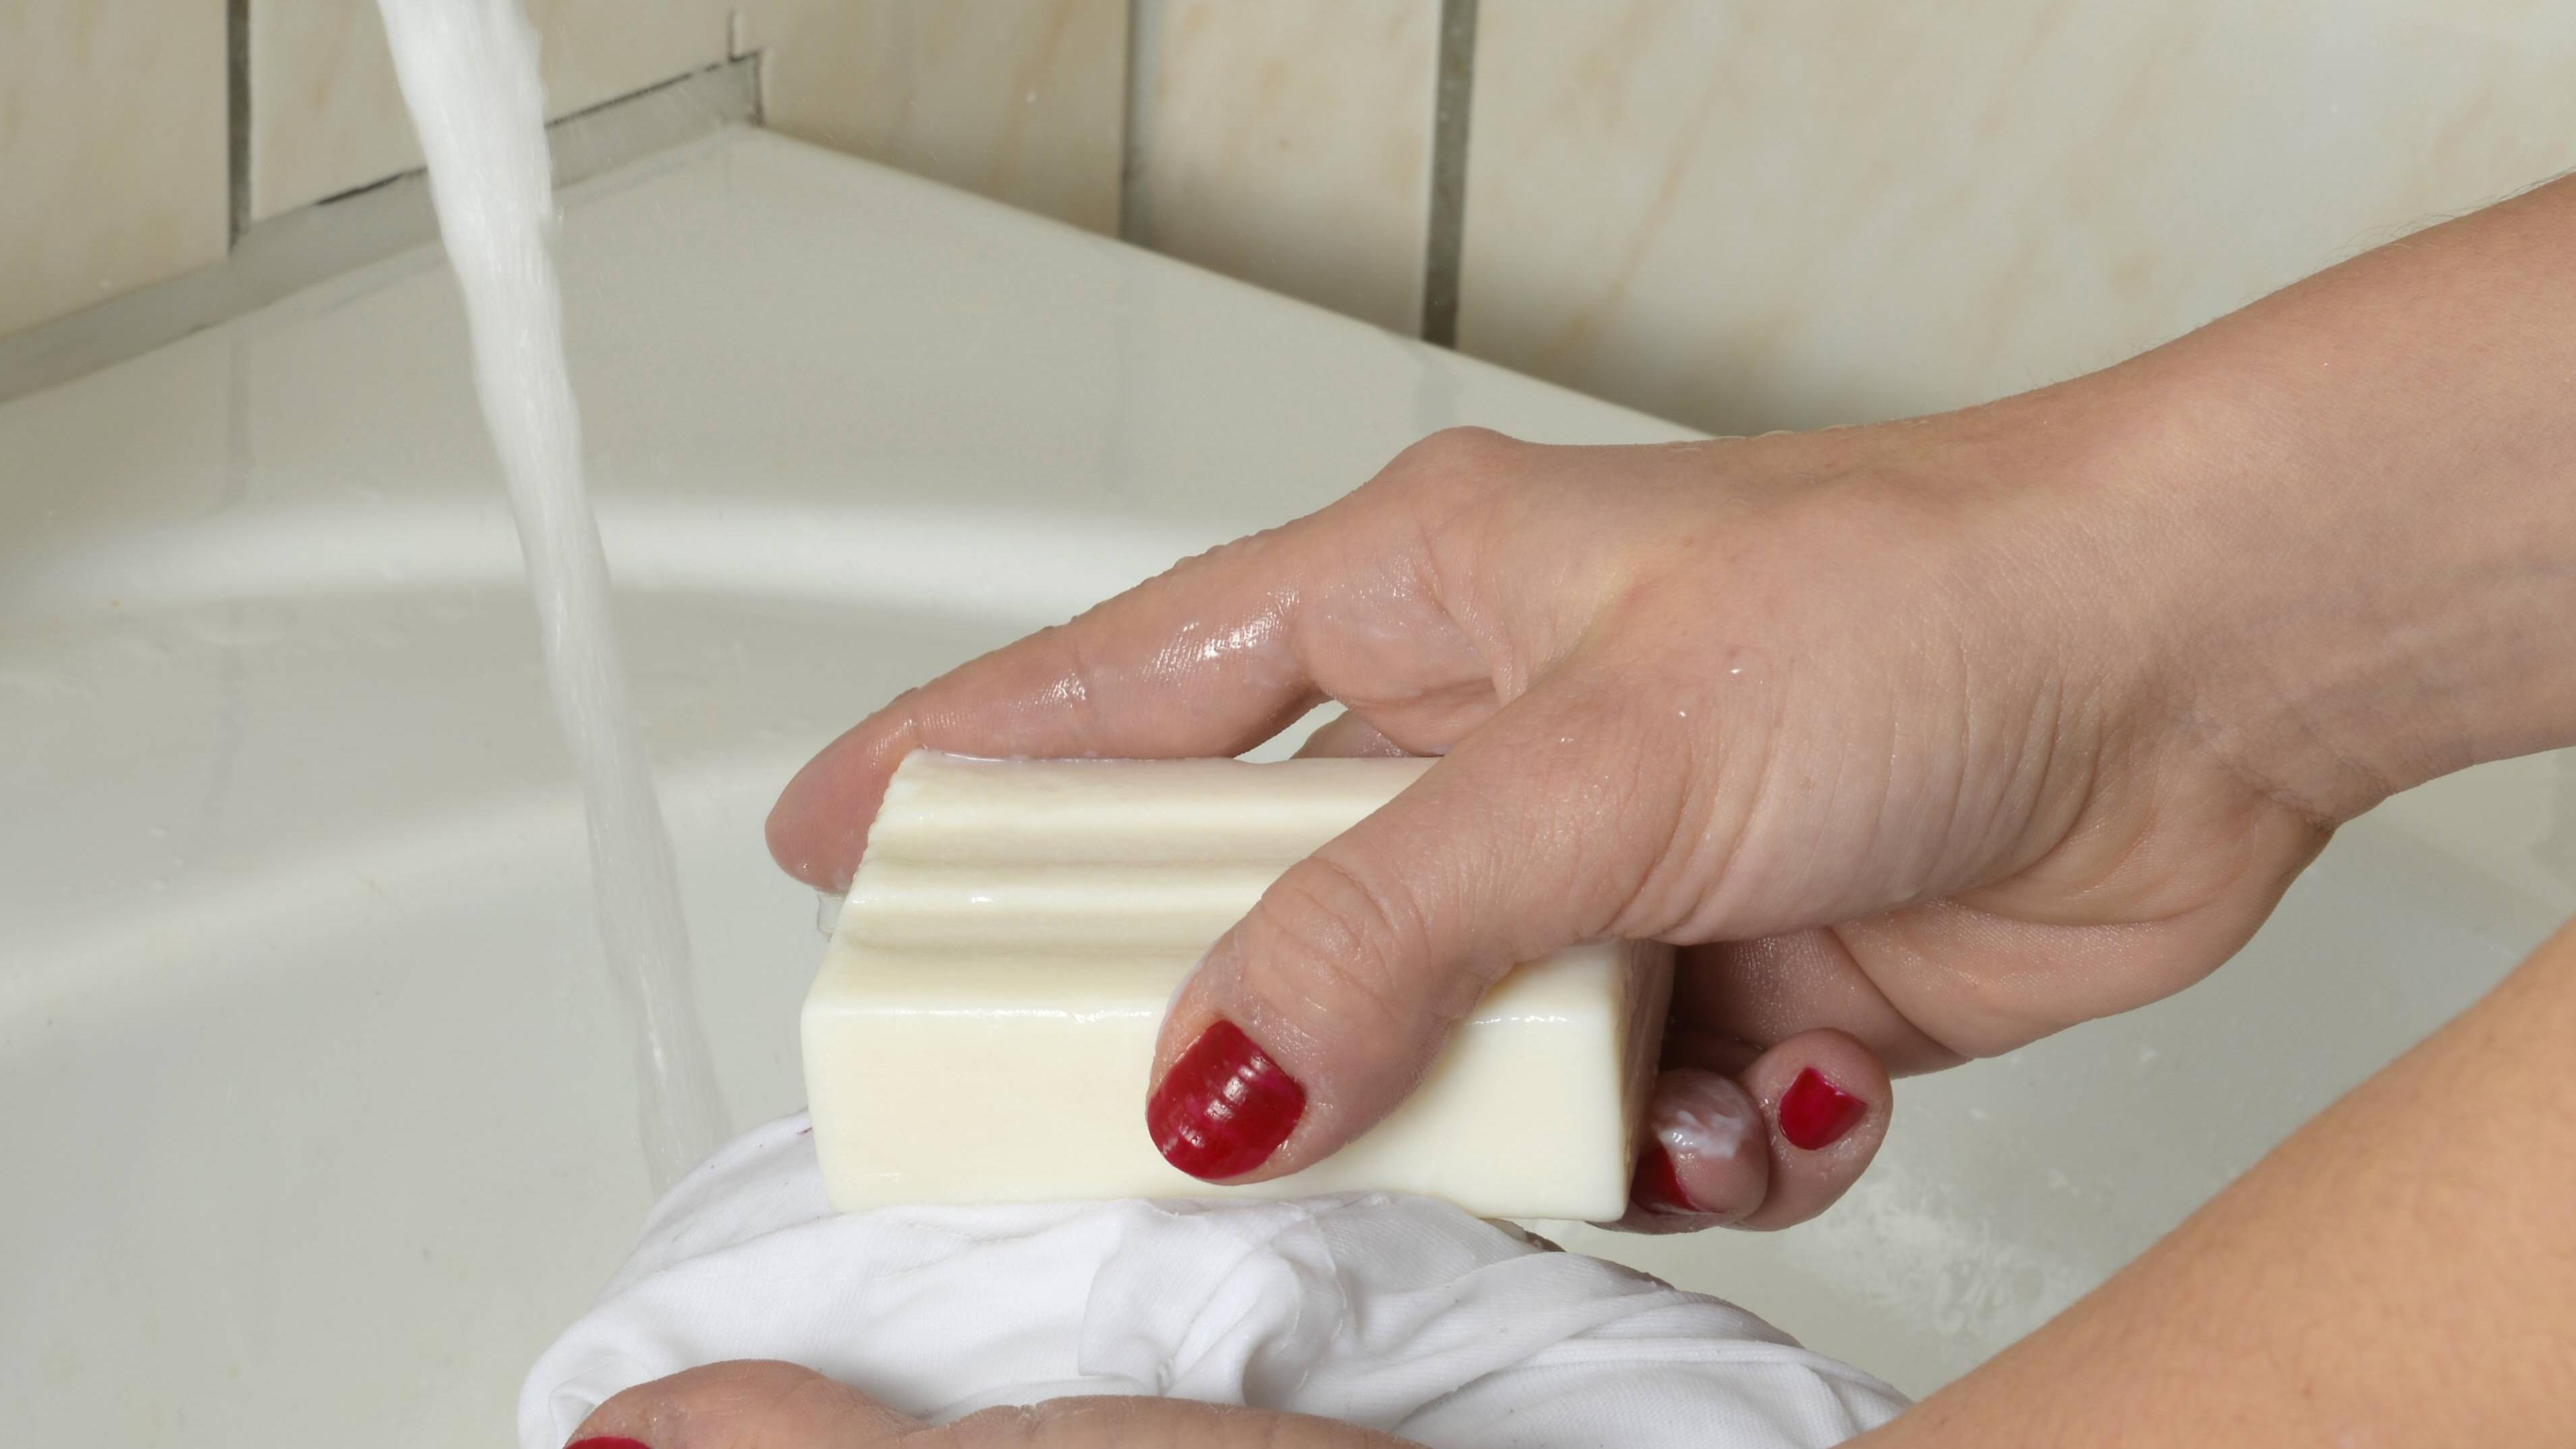 Nutzen Sie eine milde Seife, um ein Brillenputztuch mit der Hand zu waschen.